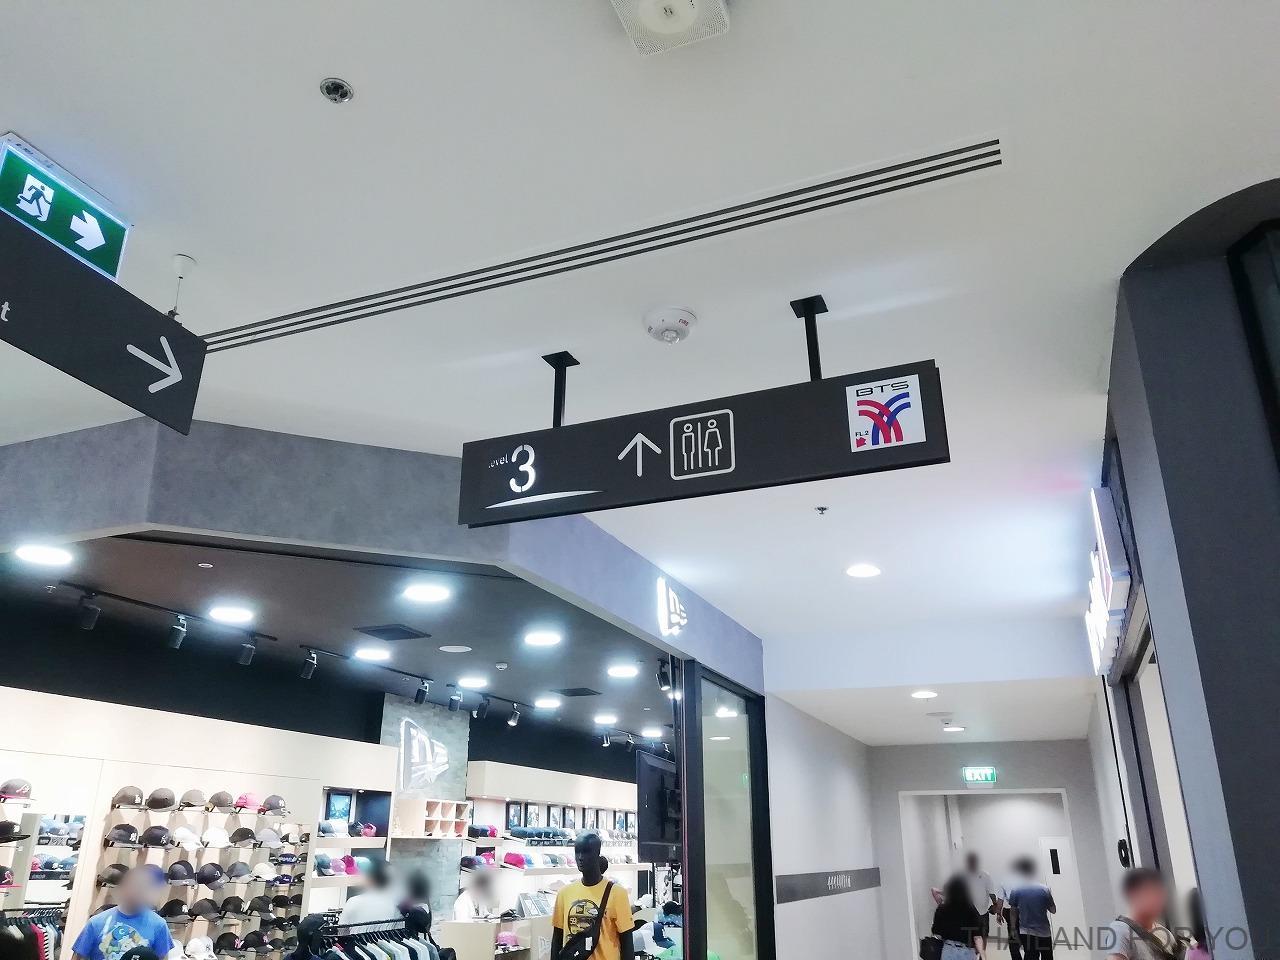 ハーイェーク・ラップラオ駅 BTS 延伸 セントラルプラザ